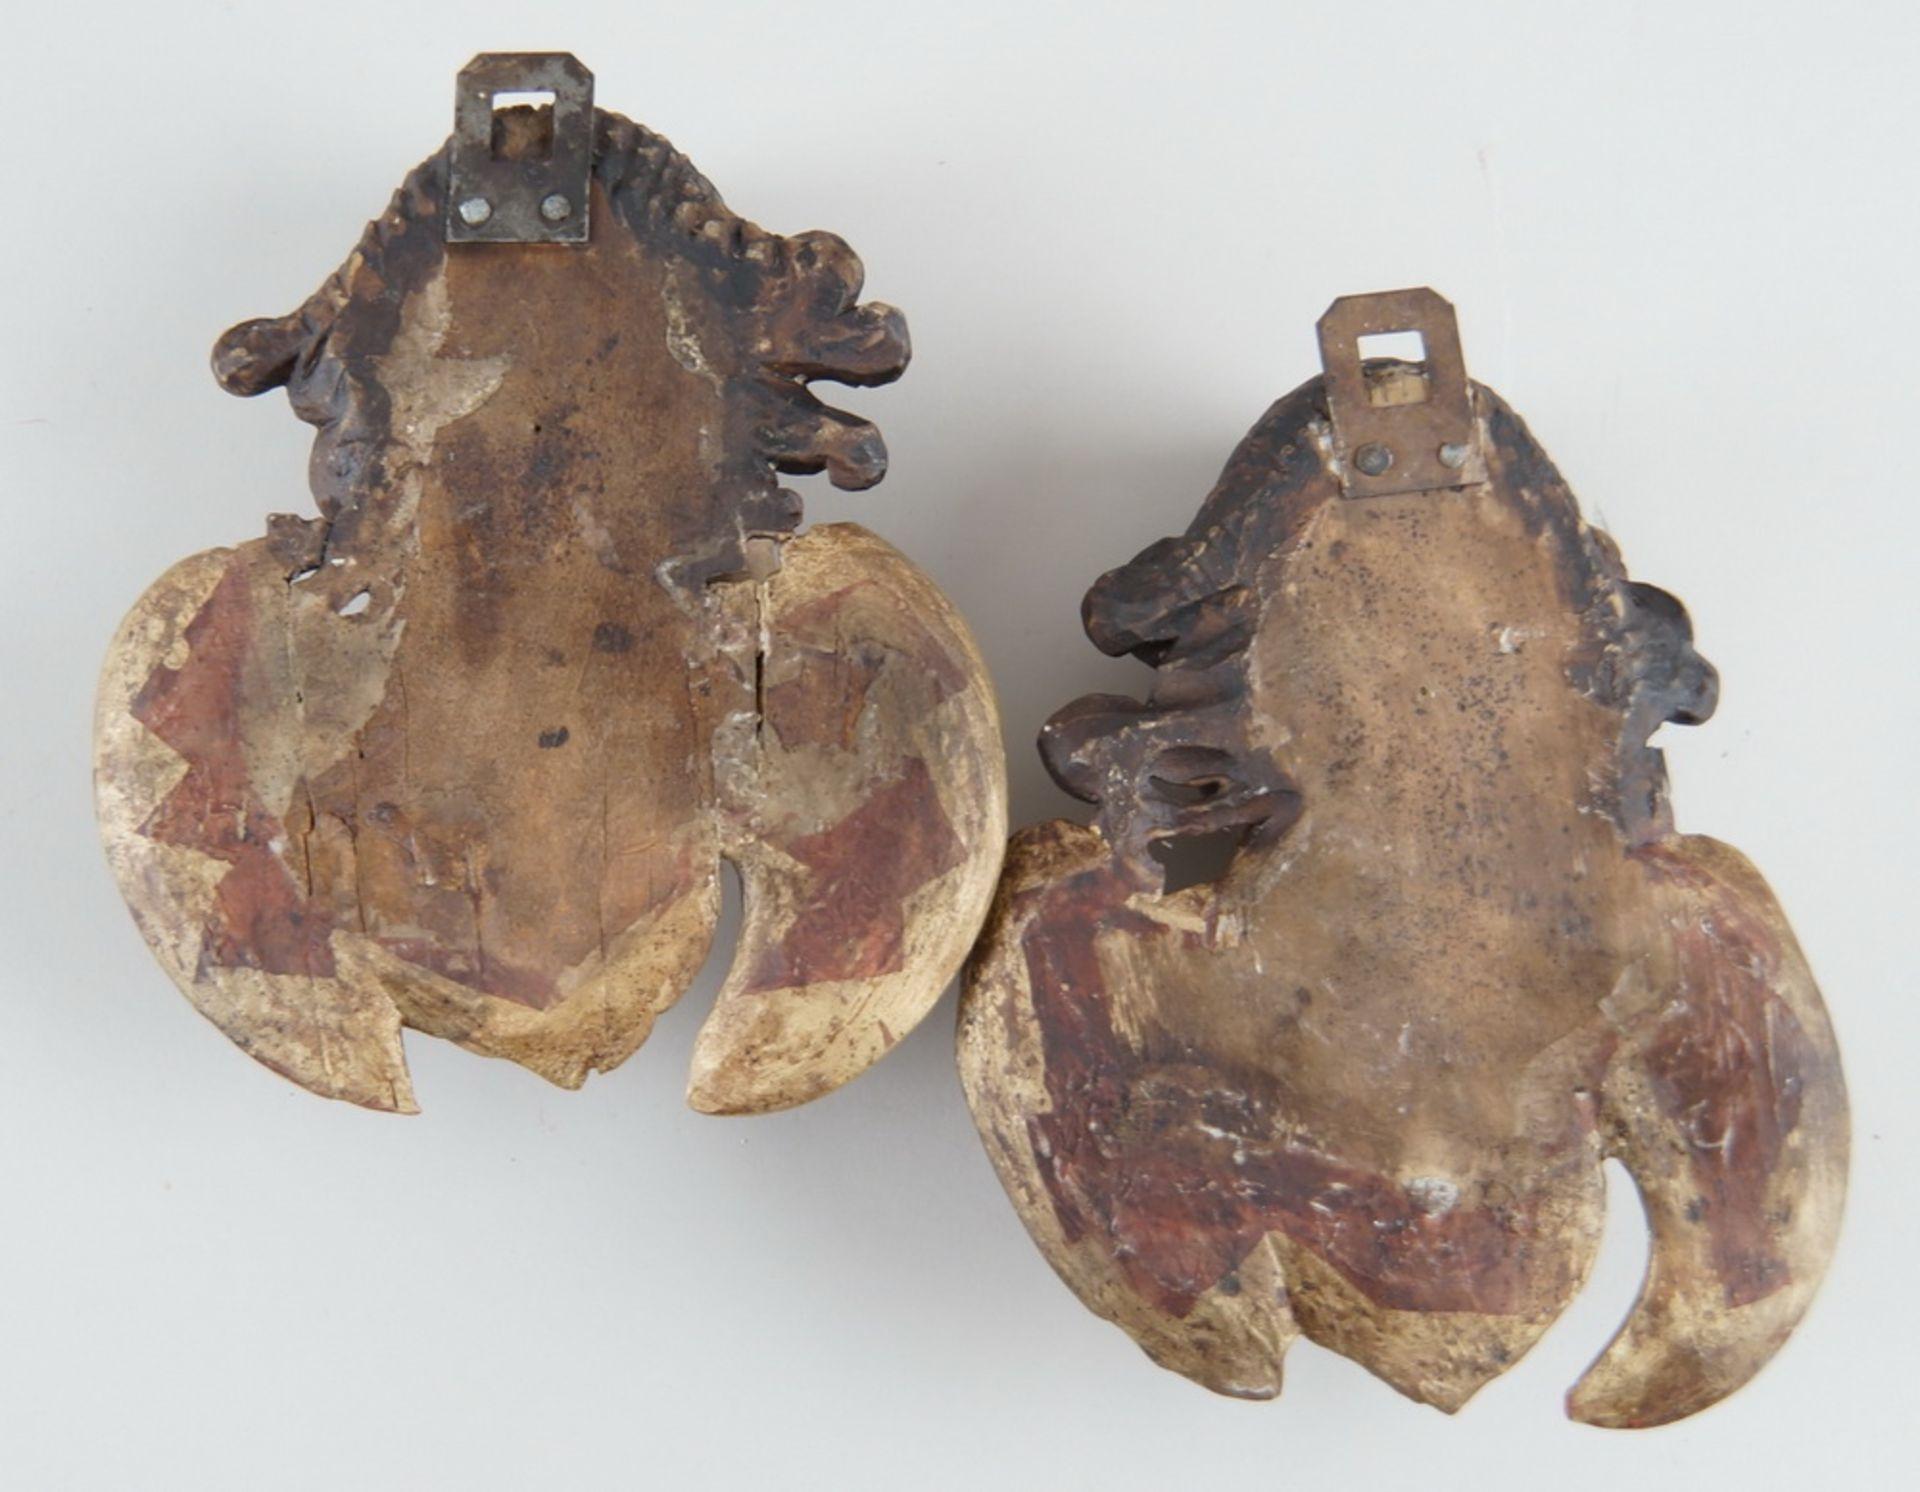 Paar Engelsköpfe mit Flügel, Holz geschnitzt und gefasst, 18. JH, rest., H ca. 20 cm - Bild 5 aus 5